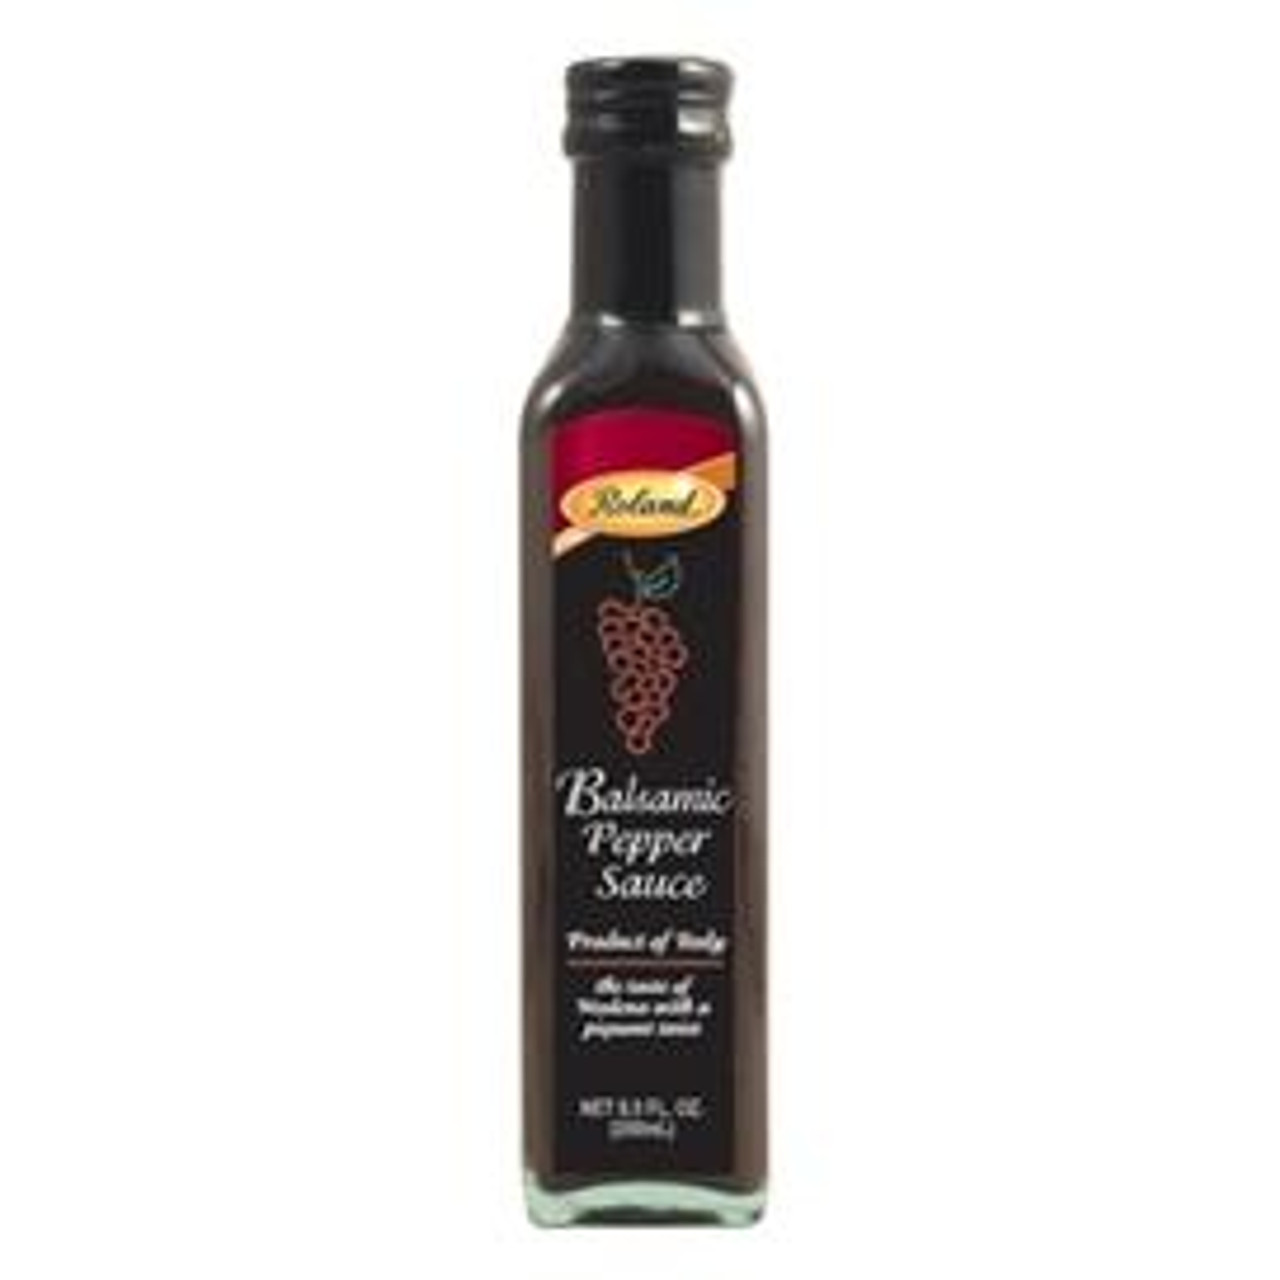 Balsamic Pepper Sauce